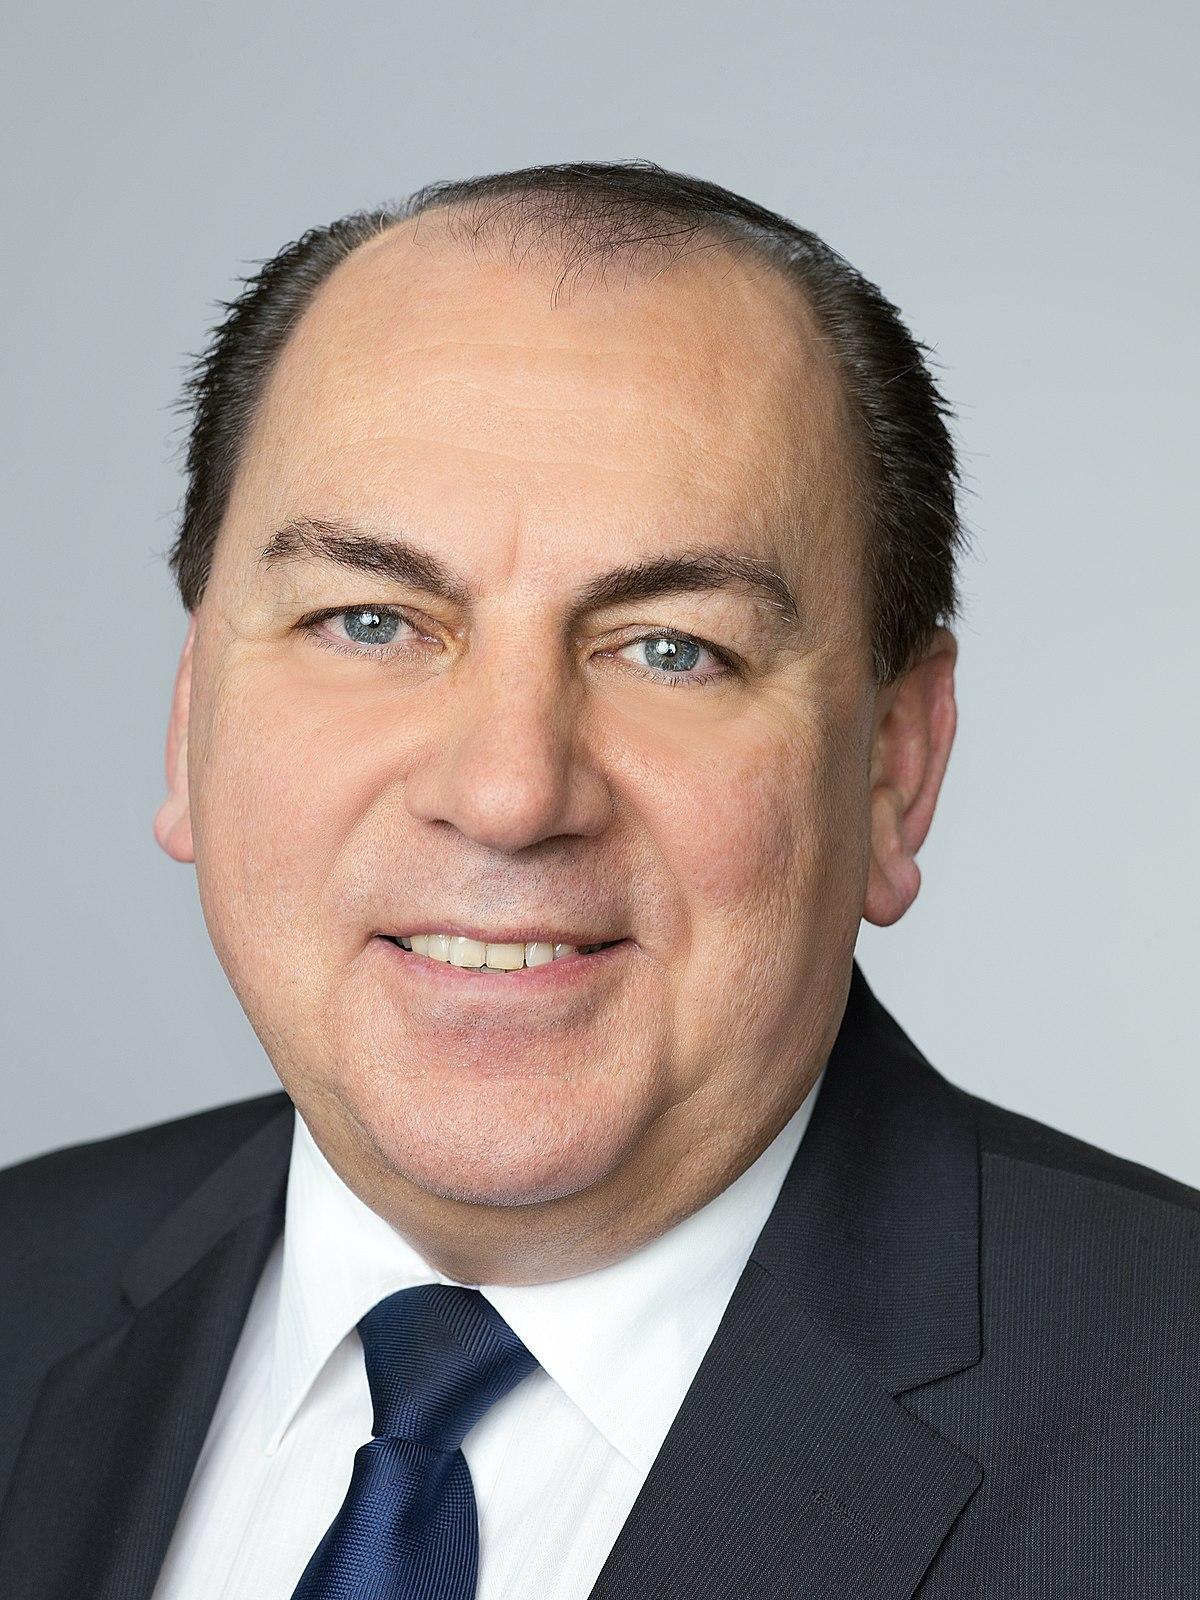 Alfred Rücker